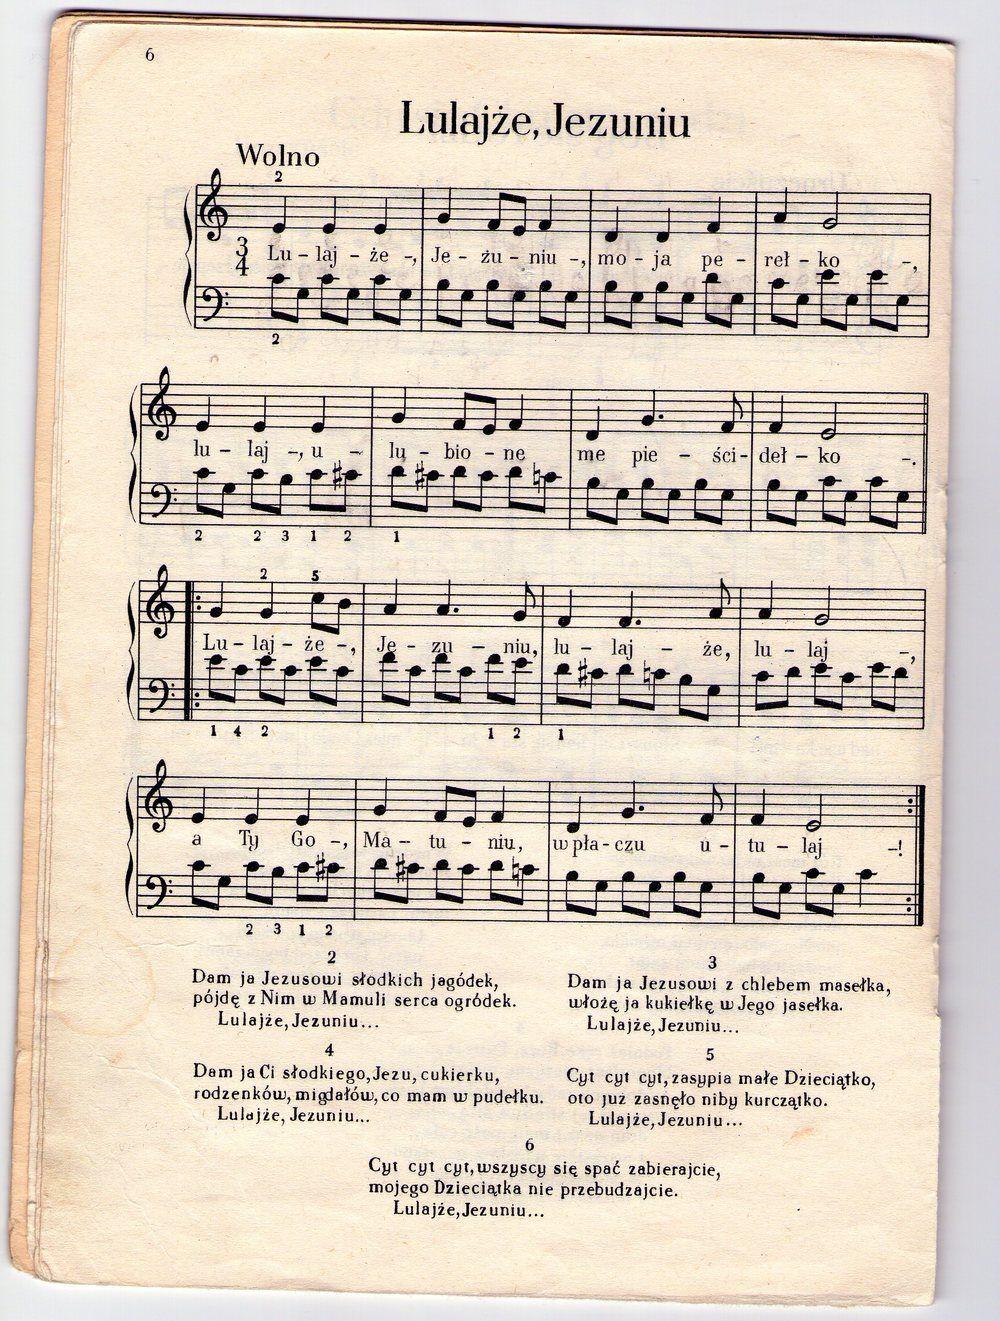 Lulajze Jezuniu Jak Zagrac Na Pianinie Bez Znajomosci Nut In 2020 Pianina Nuty Pasja